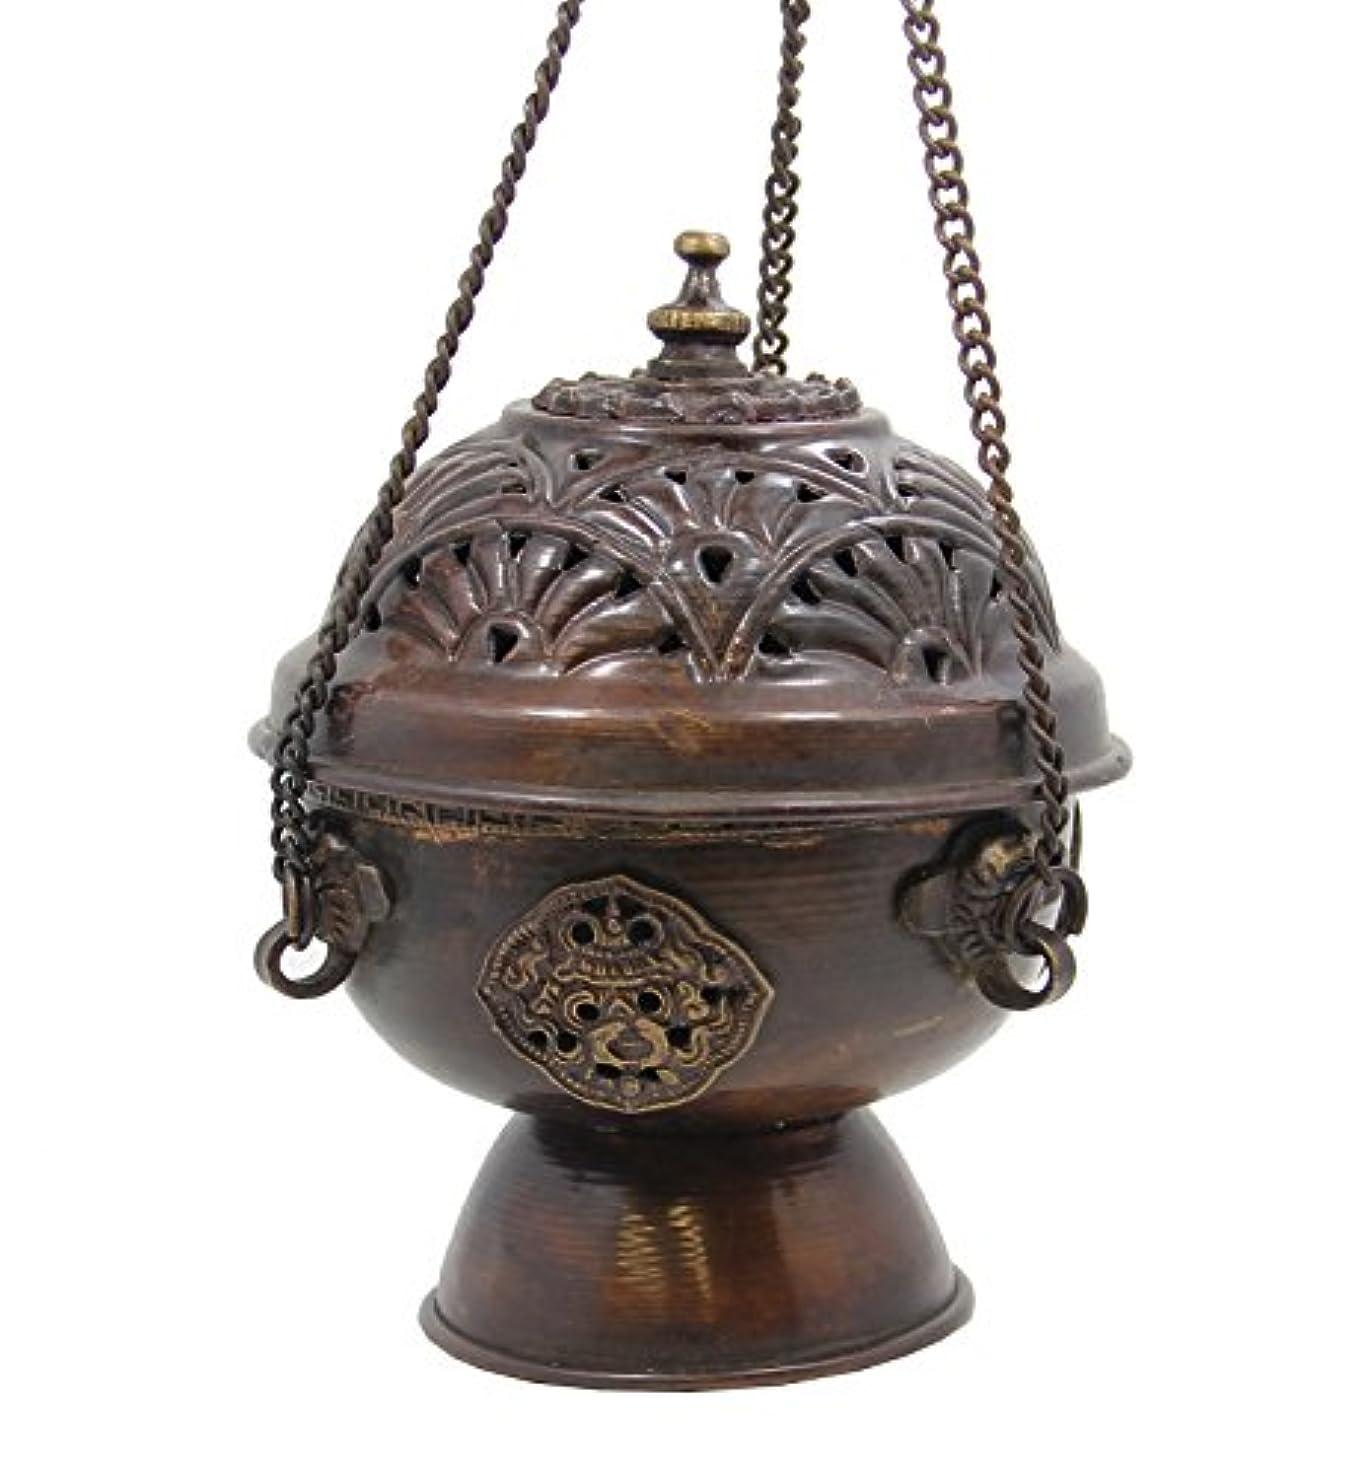 ダイジェスト出撃者敬意を表してプレミアム品質銅真鍮Hanging Incense Burner B000ZED3J6